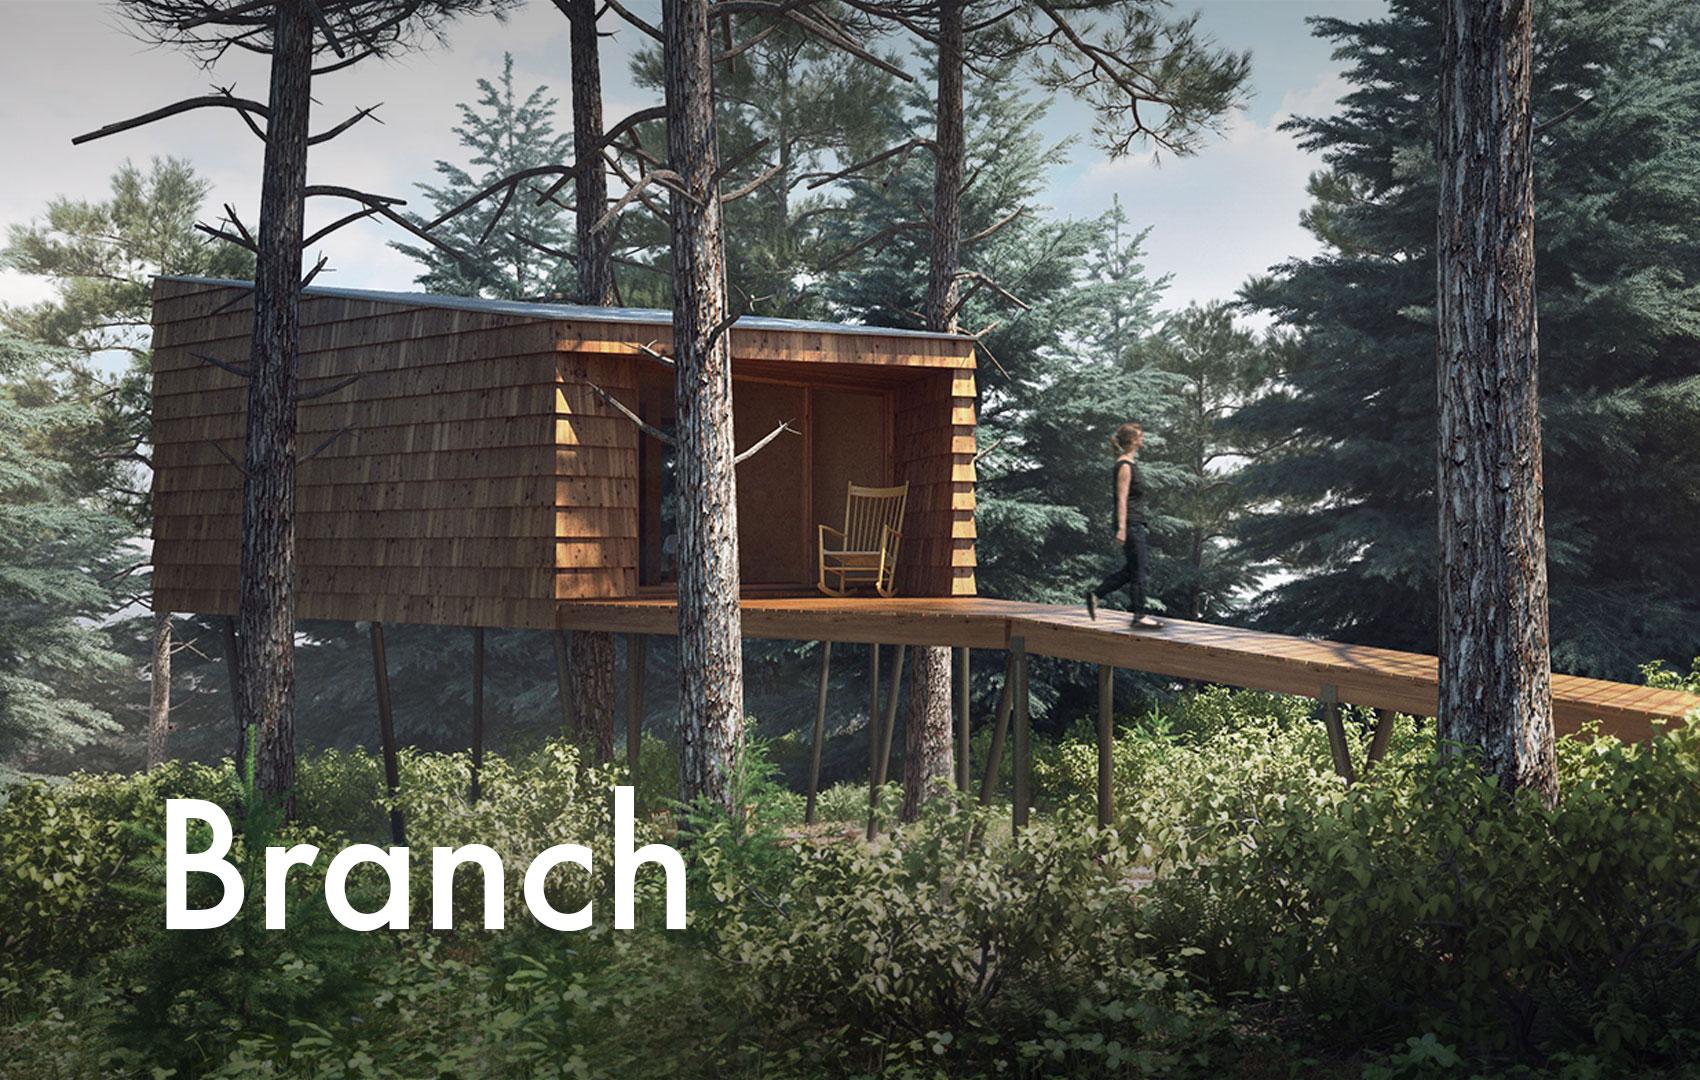 cabane branch camping de saignel gier. Black Bedroom Furniture Sets. Home Design Ideas